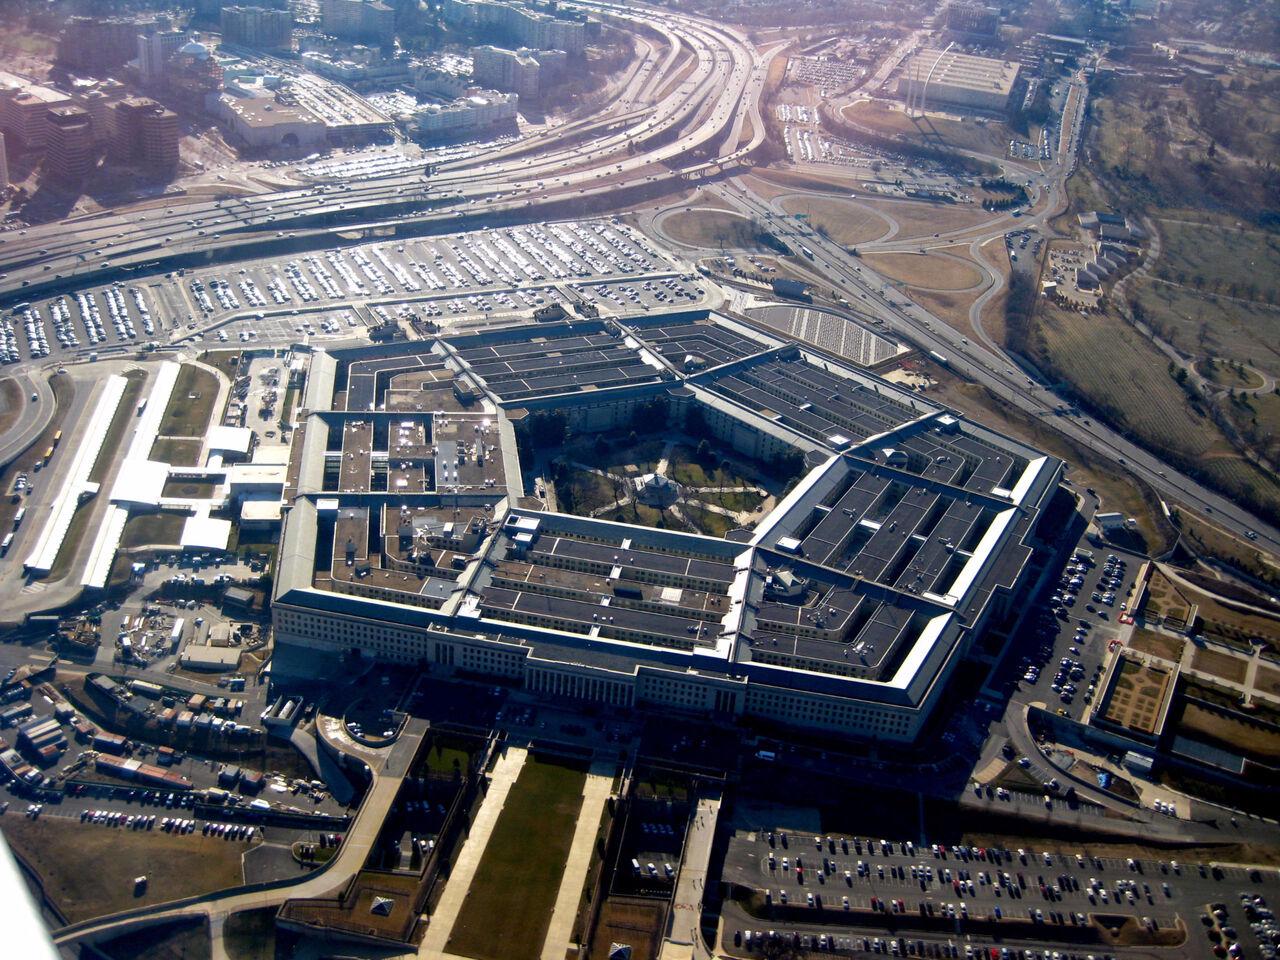 Полет самолета ВКС РФ над Белым домом был согласован— Пентагон